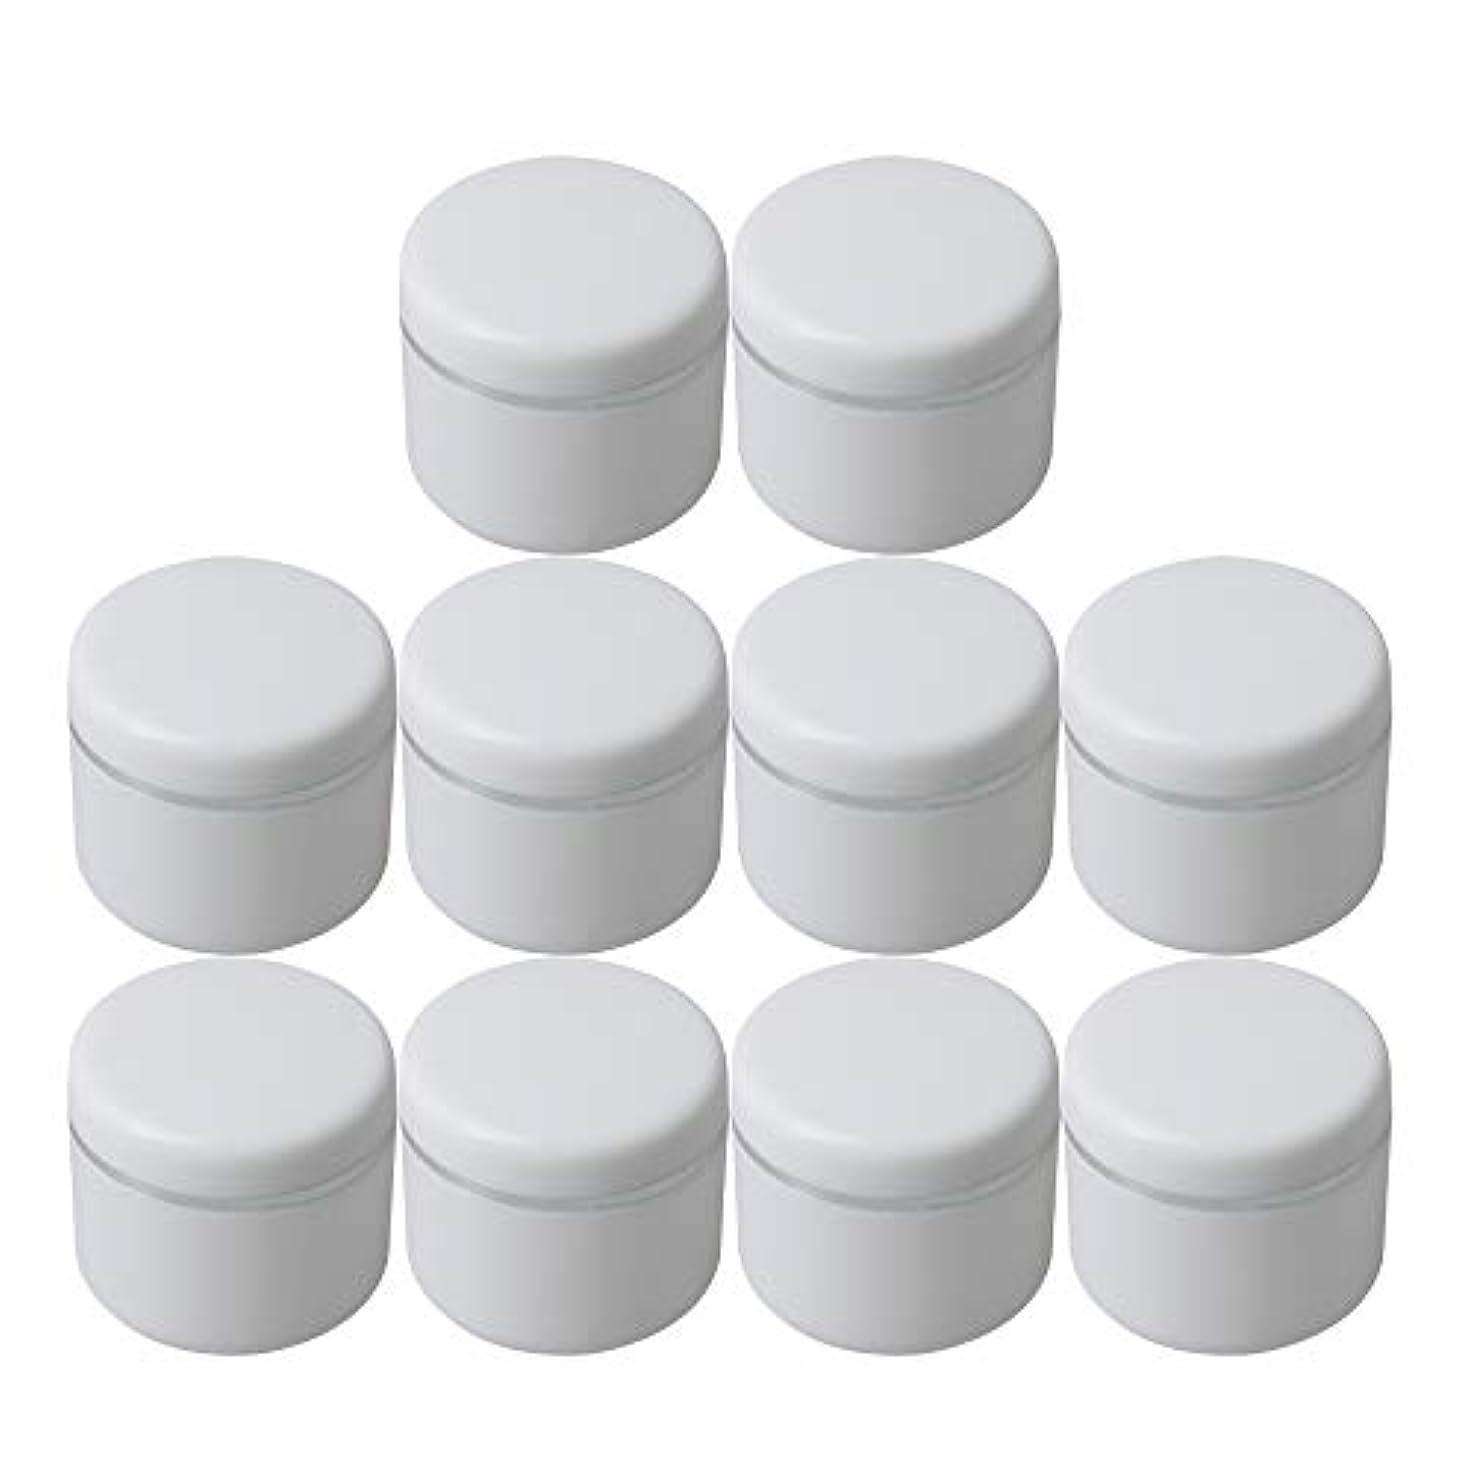 ぼろ若者ジョットディボンドンDiystyle 10個入 クリームケース 空ポット 空容器 化粧品用 30g 詰替え ホワイト